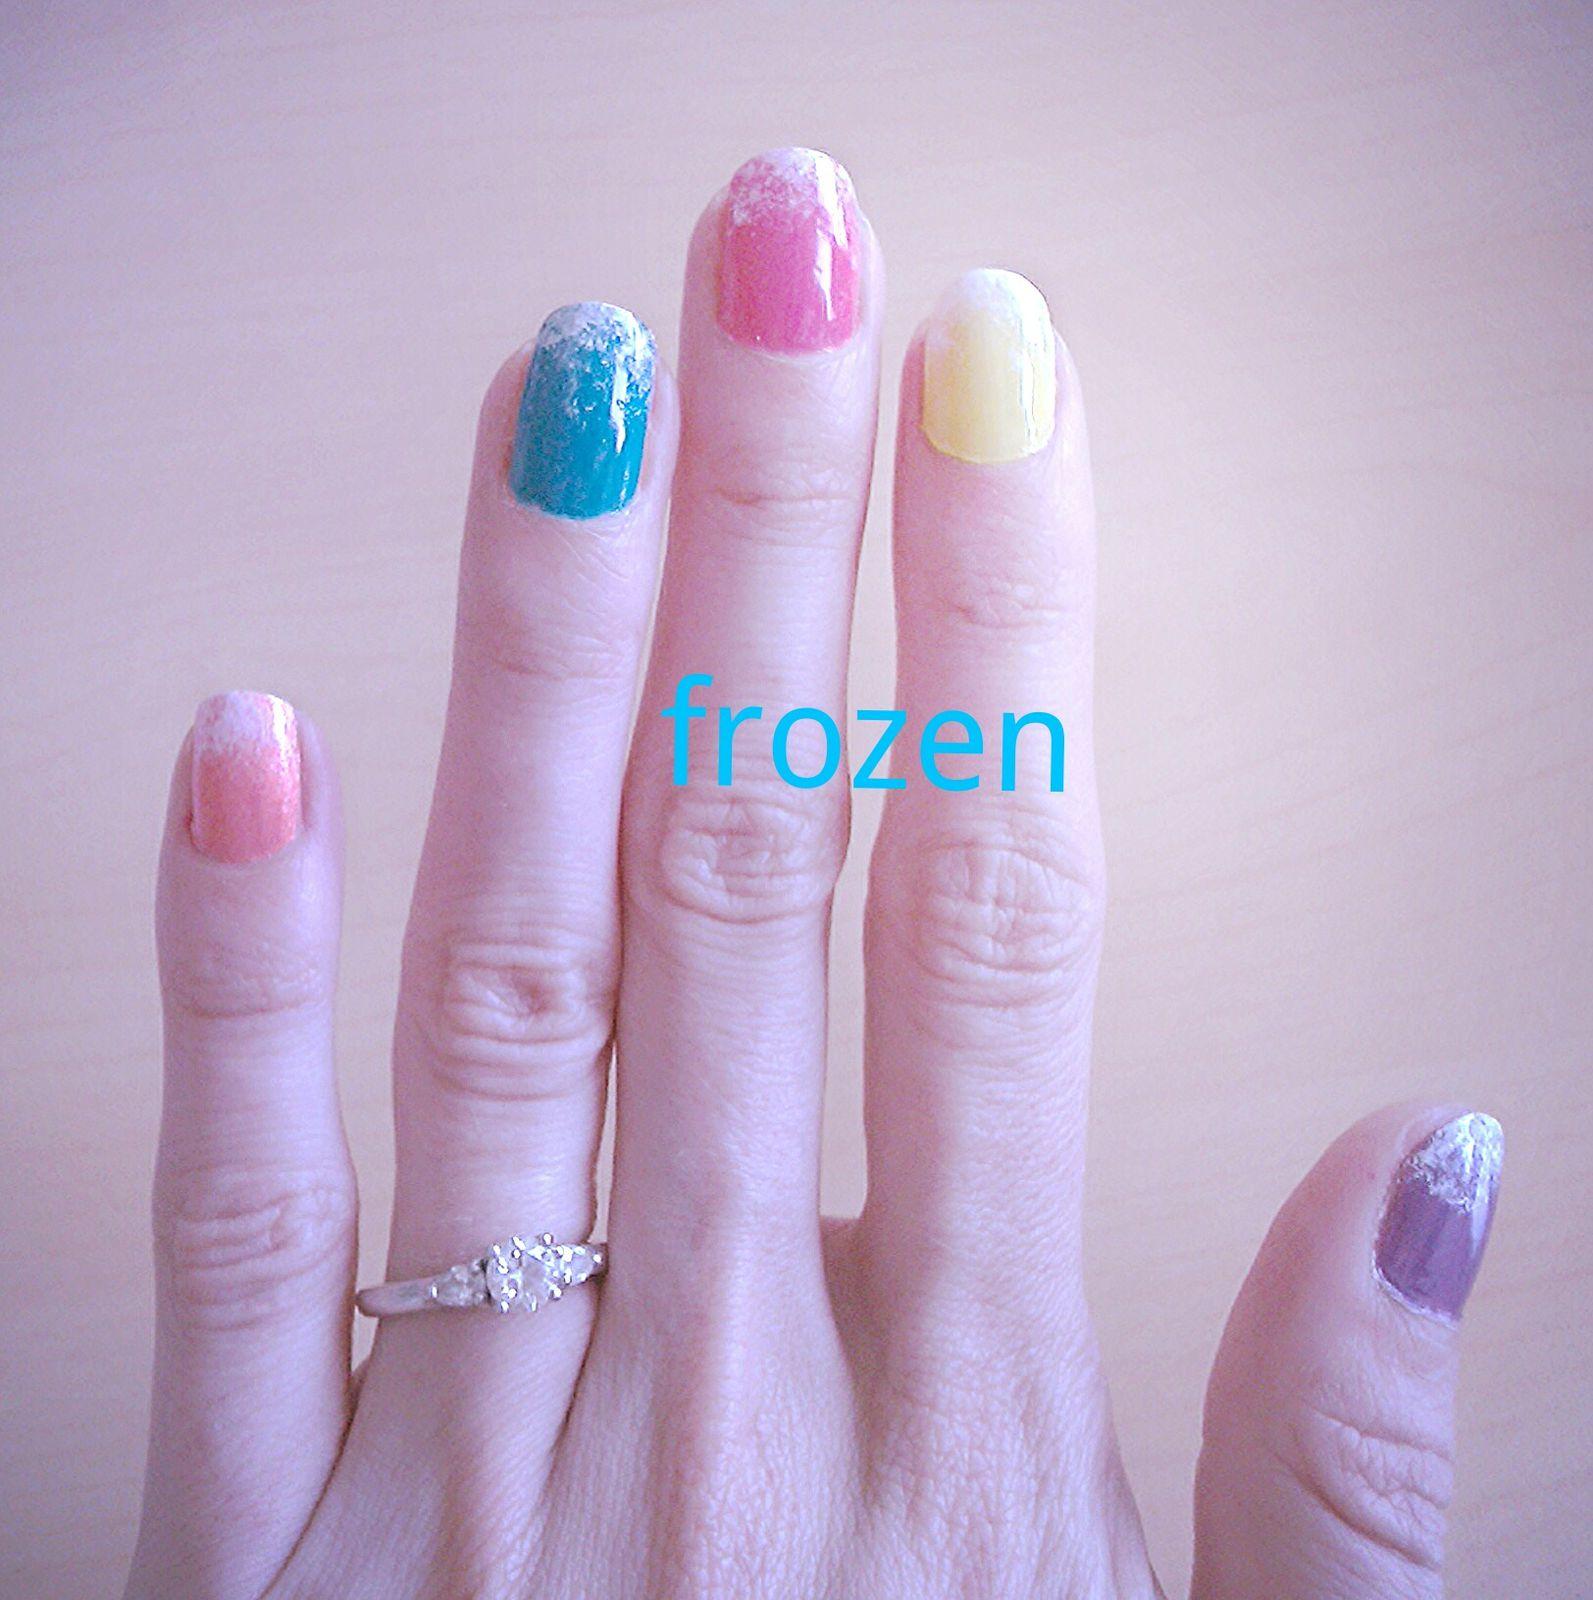 Avec les températures caniculaires de ces derniers jours, j'avais envie de glaces, alors hop pourquoi pas aussi sur les ongles, un petit effet givré rafraîchissant :).